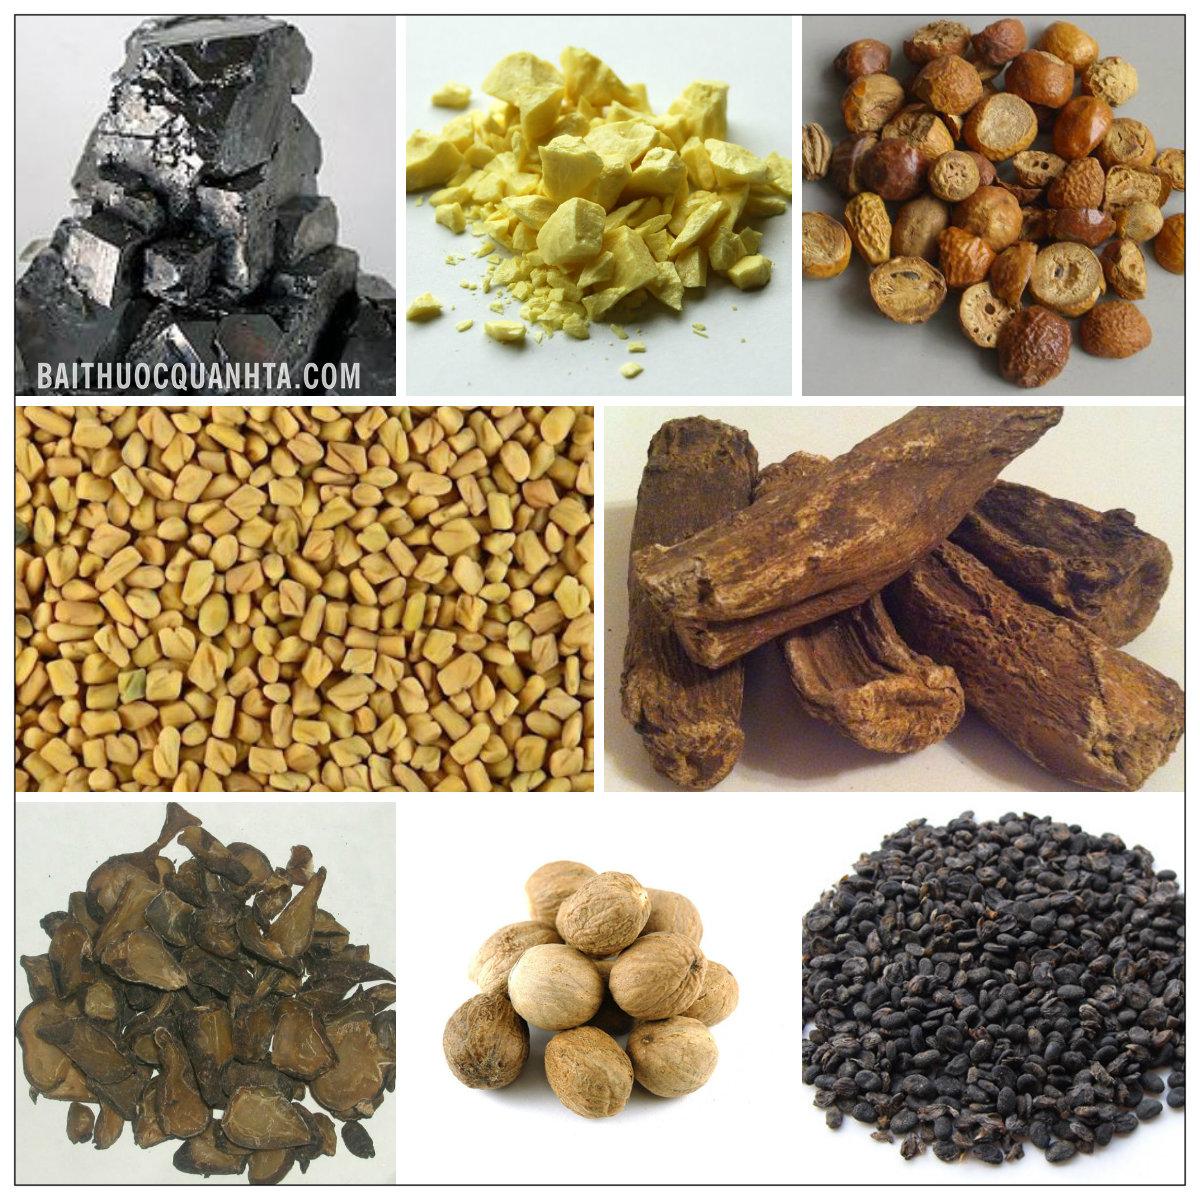 Một số vị thuốc trong bài hắc tích đan